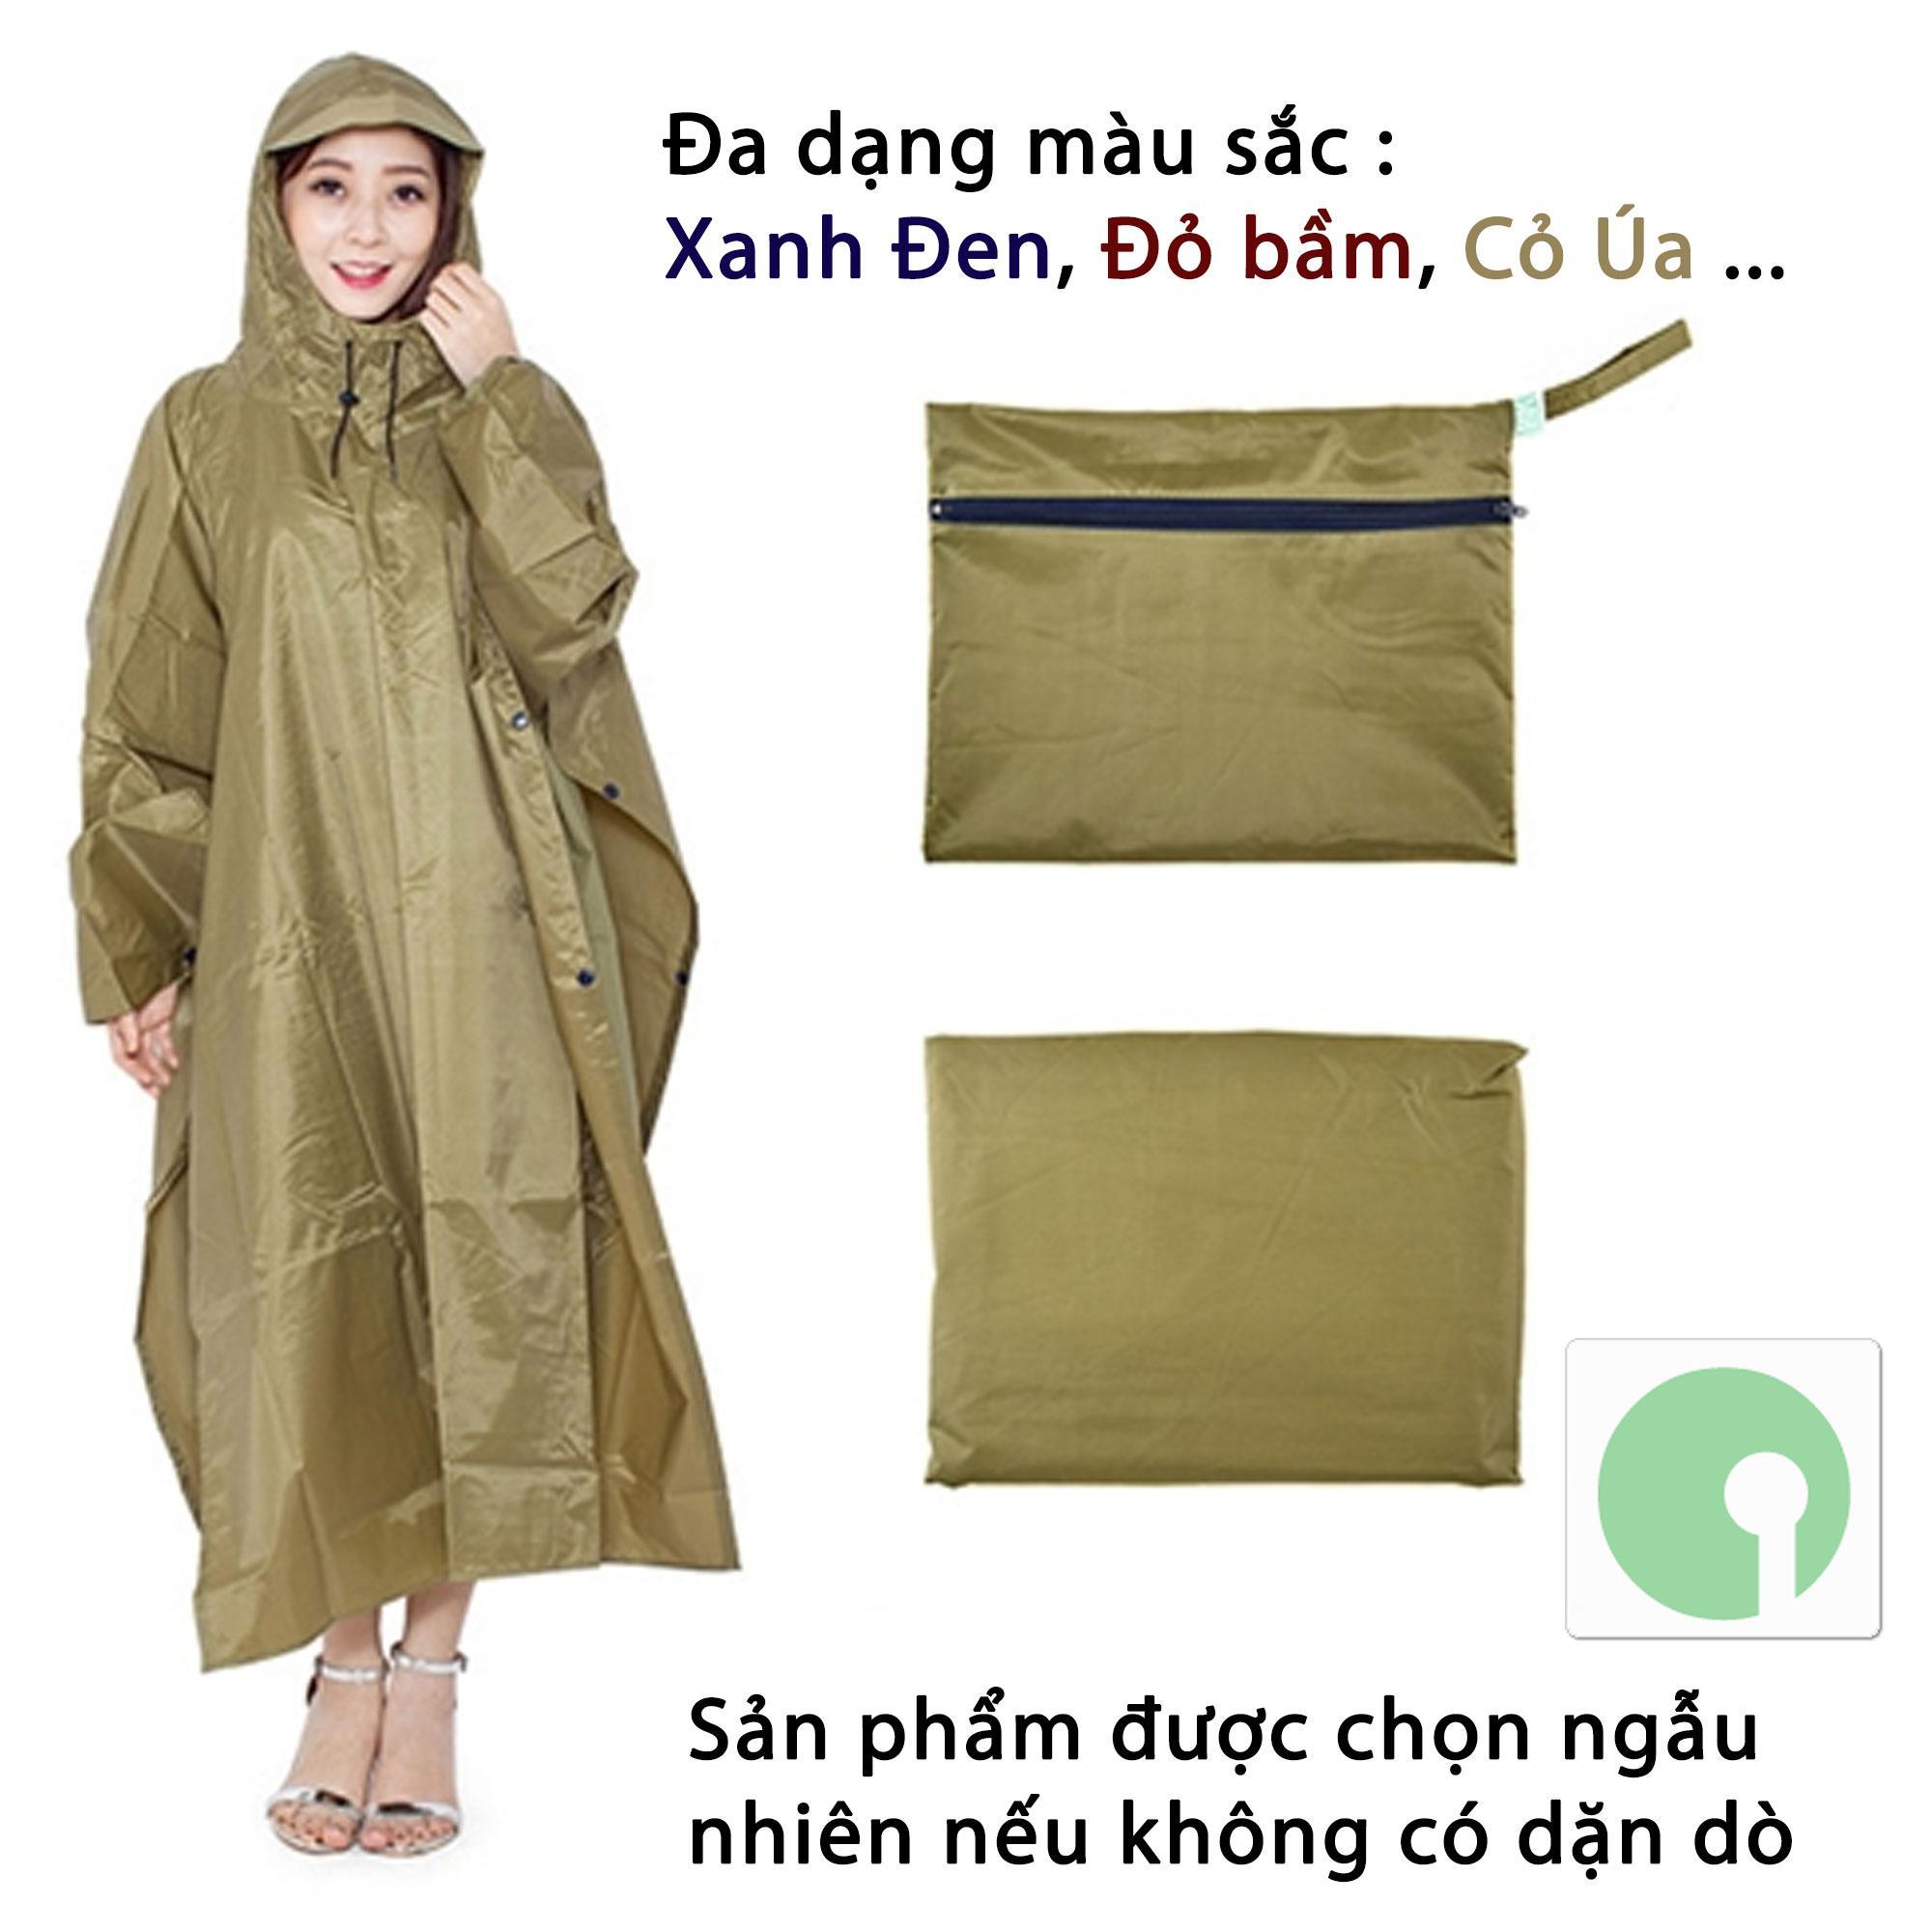 SaleOff - Áo mưa cánh dơi (xẻ tà) vải dù cao cấp loại lớn 1m4 - che kín 2 người mùa mưa - NPD-AMD-3786 (Nhiều màu)